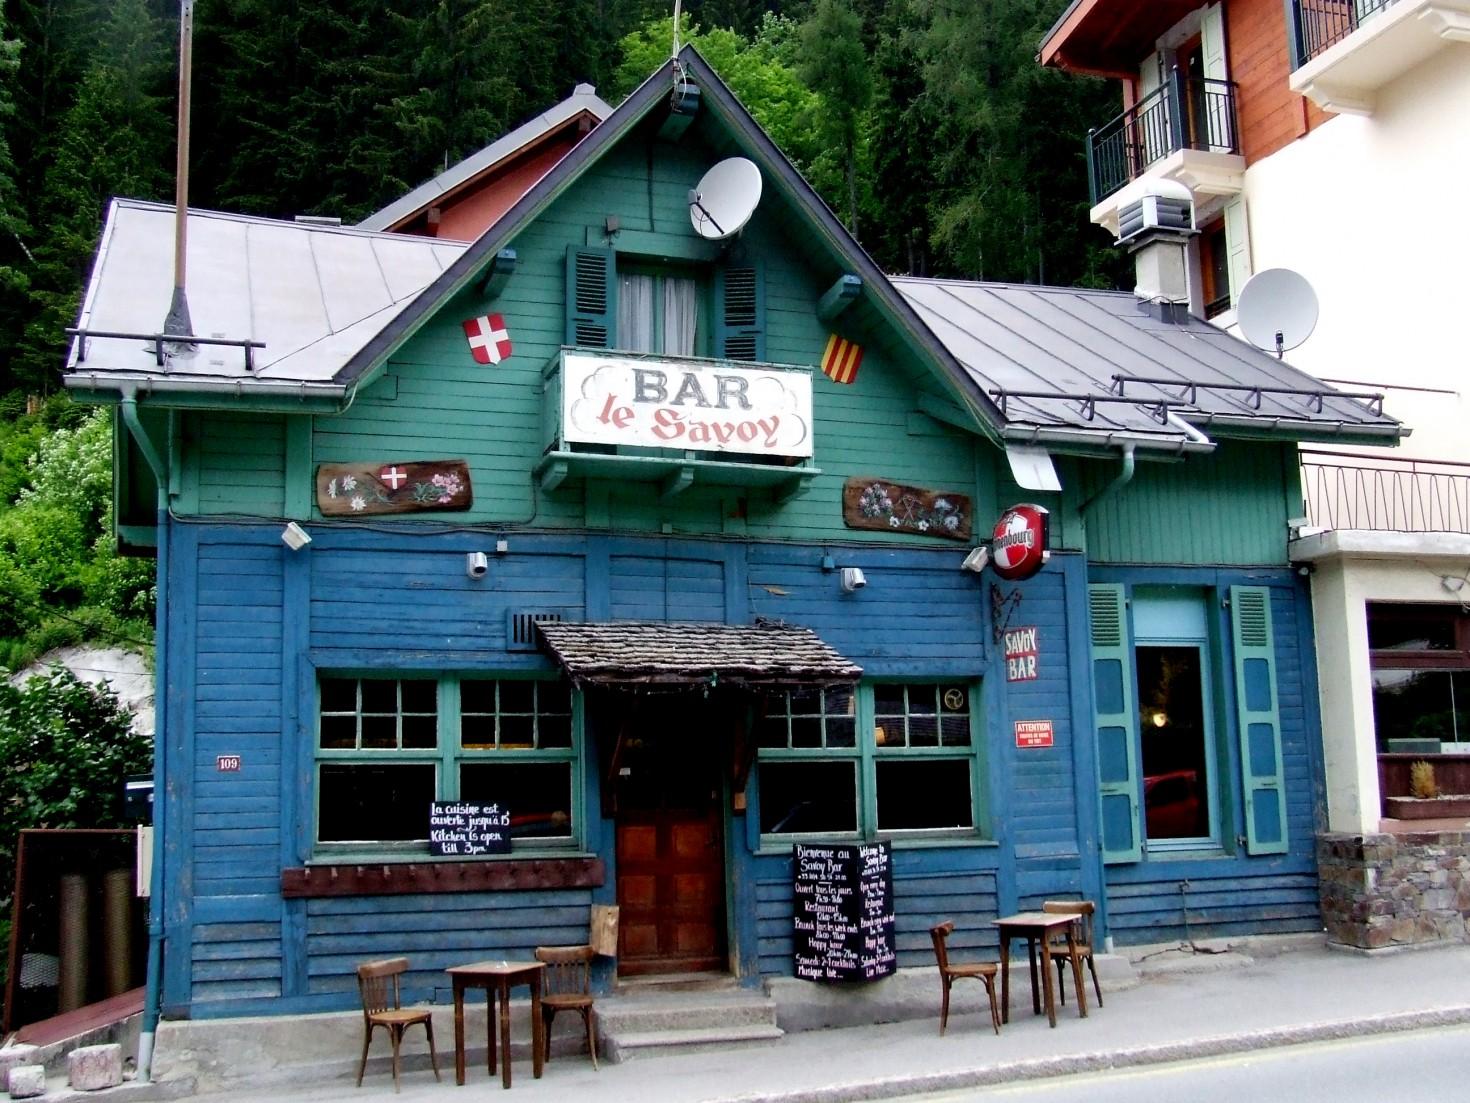 Savoy Bar, Argentiere